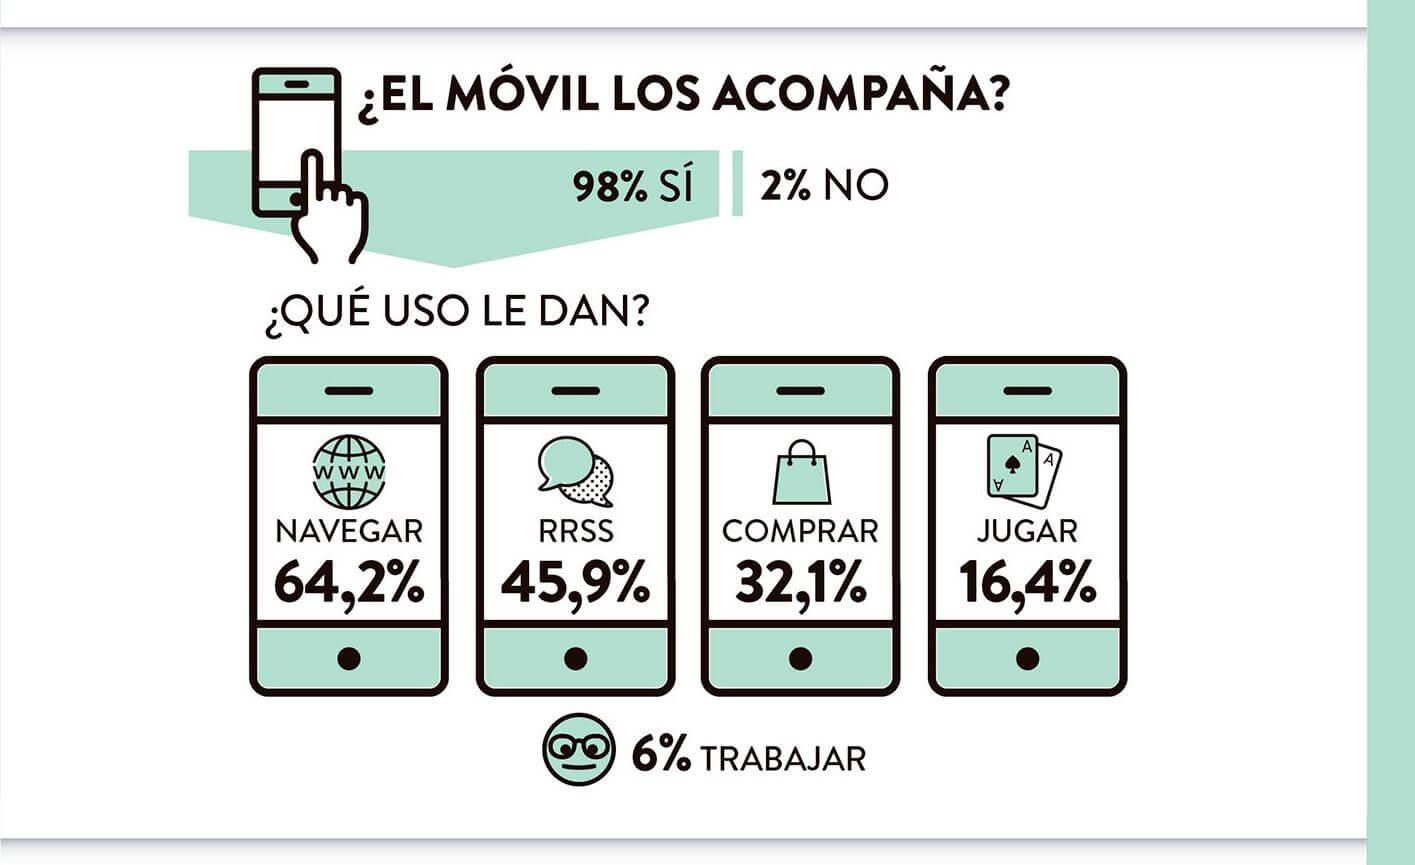 1 de cada 3 españoles hace sus compras de moda desde el móvil.